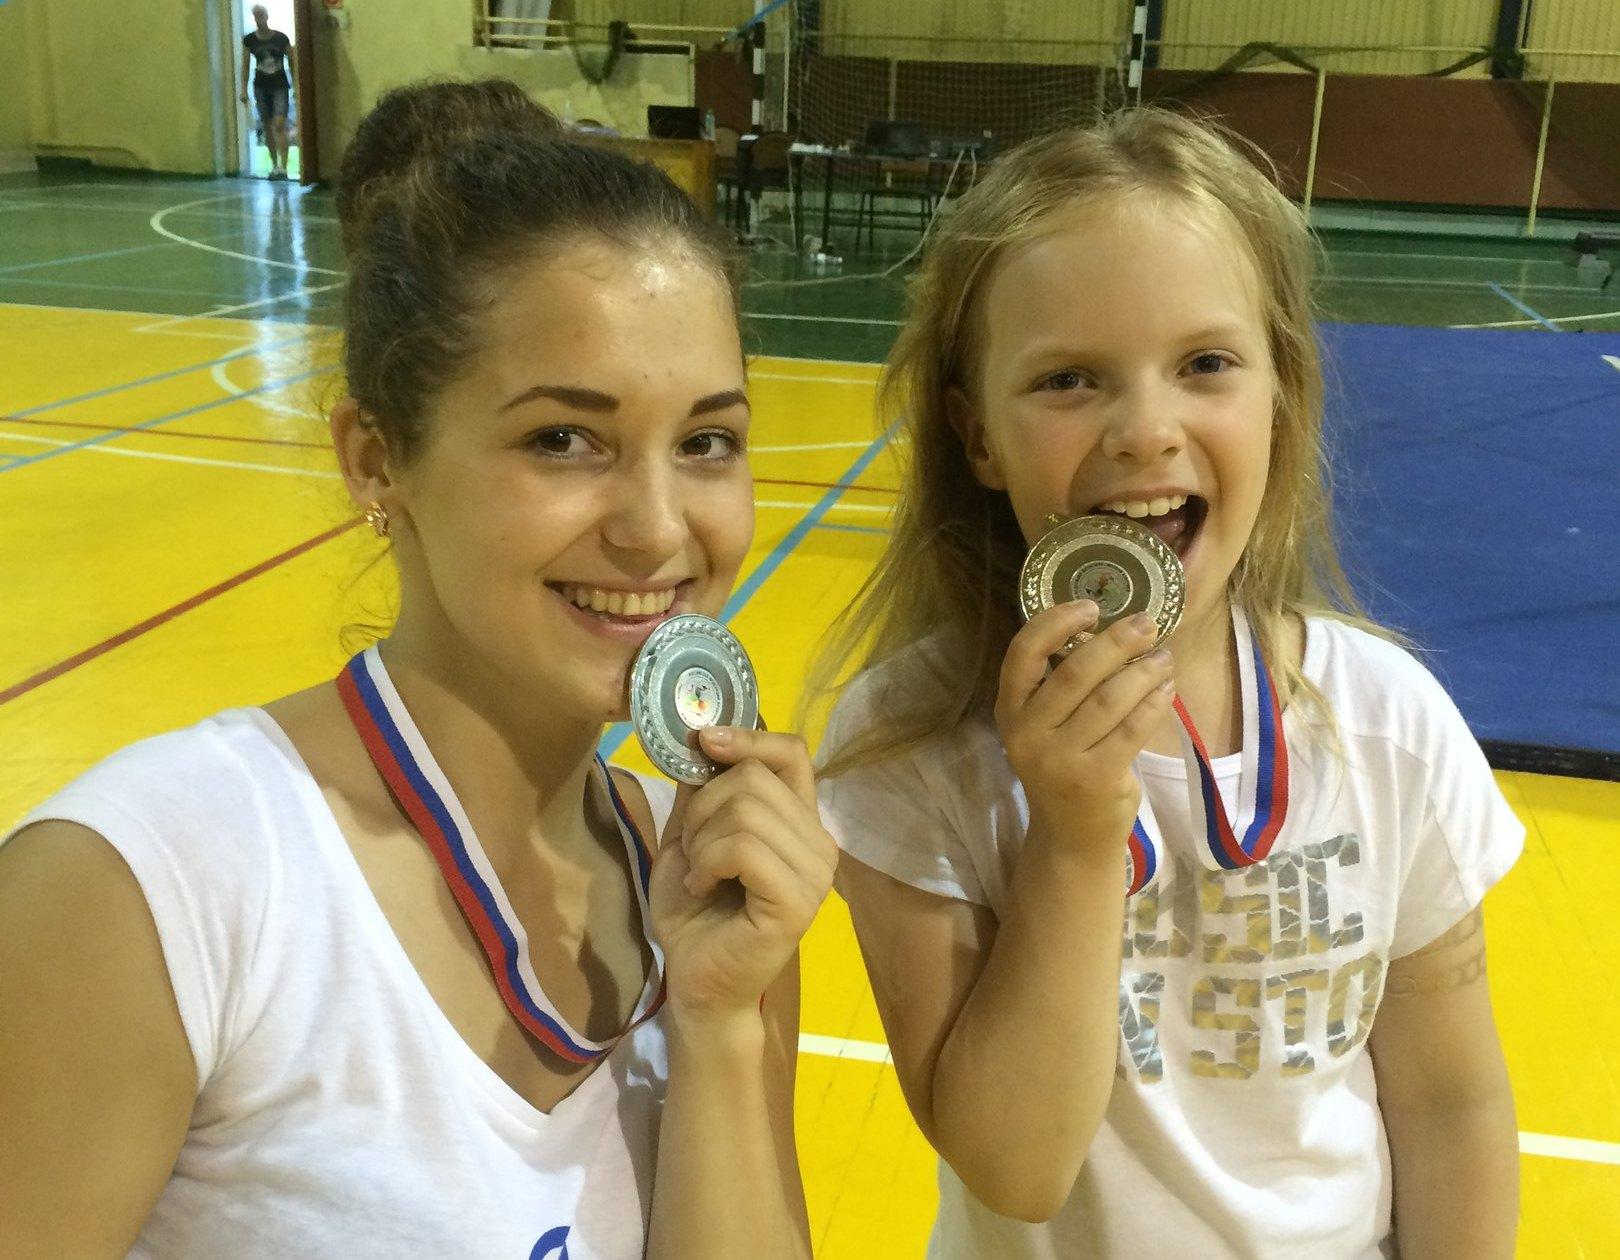 Светлана Григорьева и Злата Сагун - призеры всероссийских соревнований по воздушно-силовой атлетике